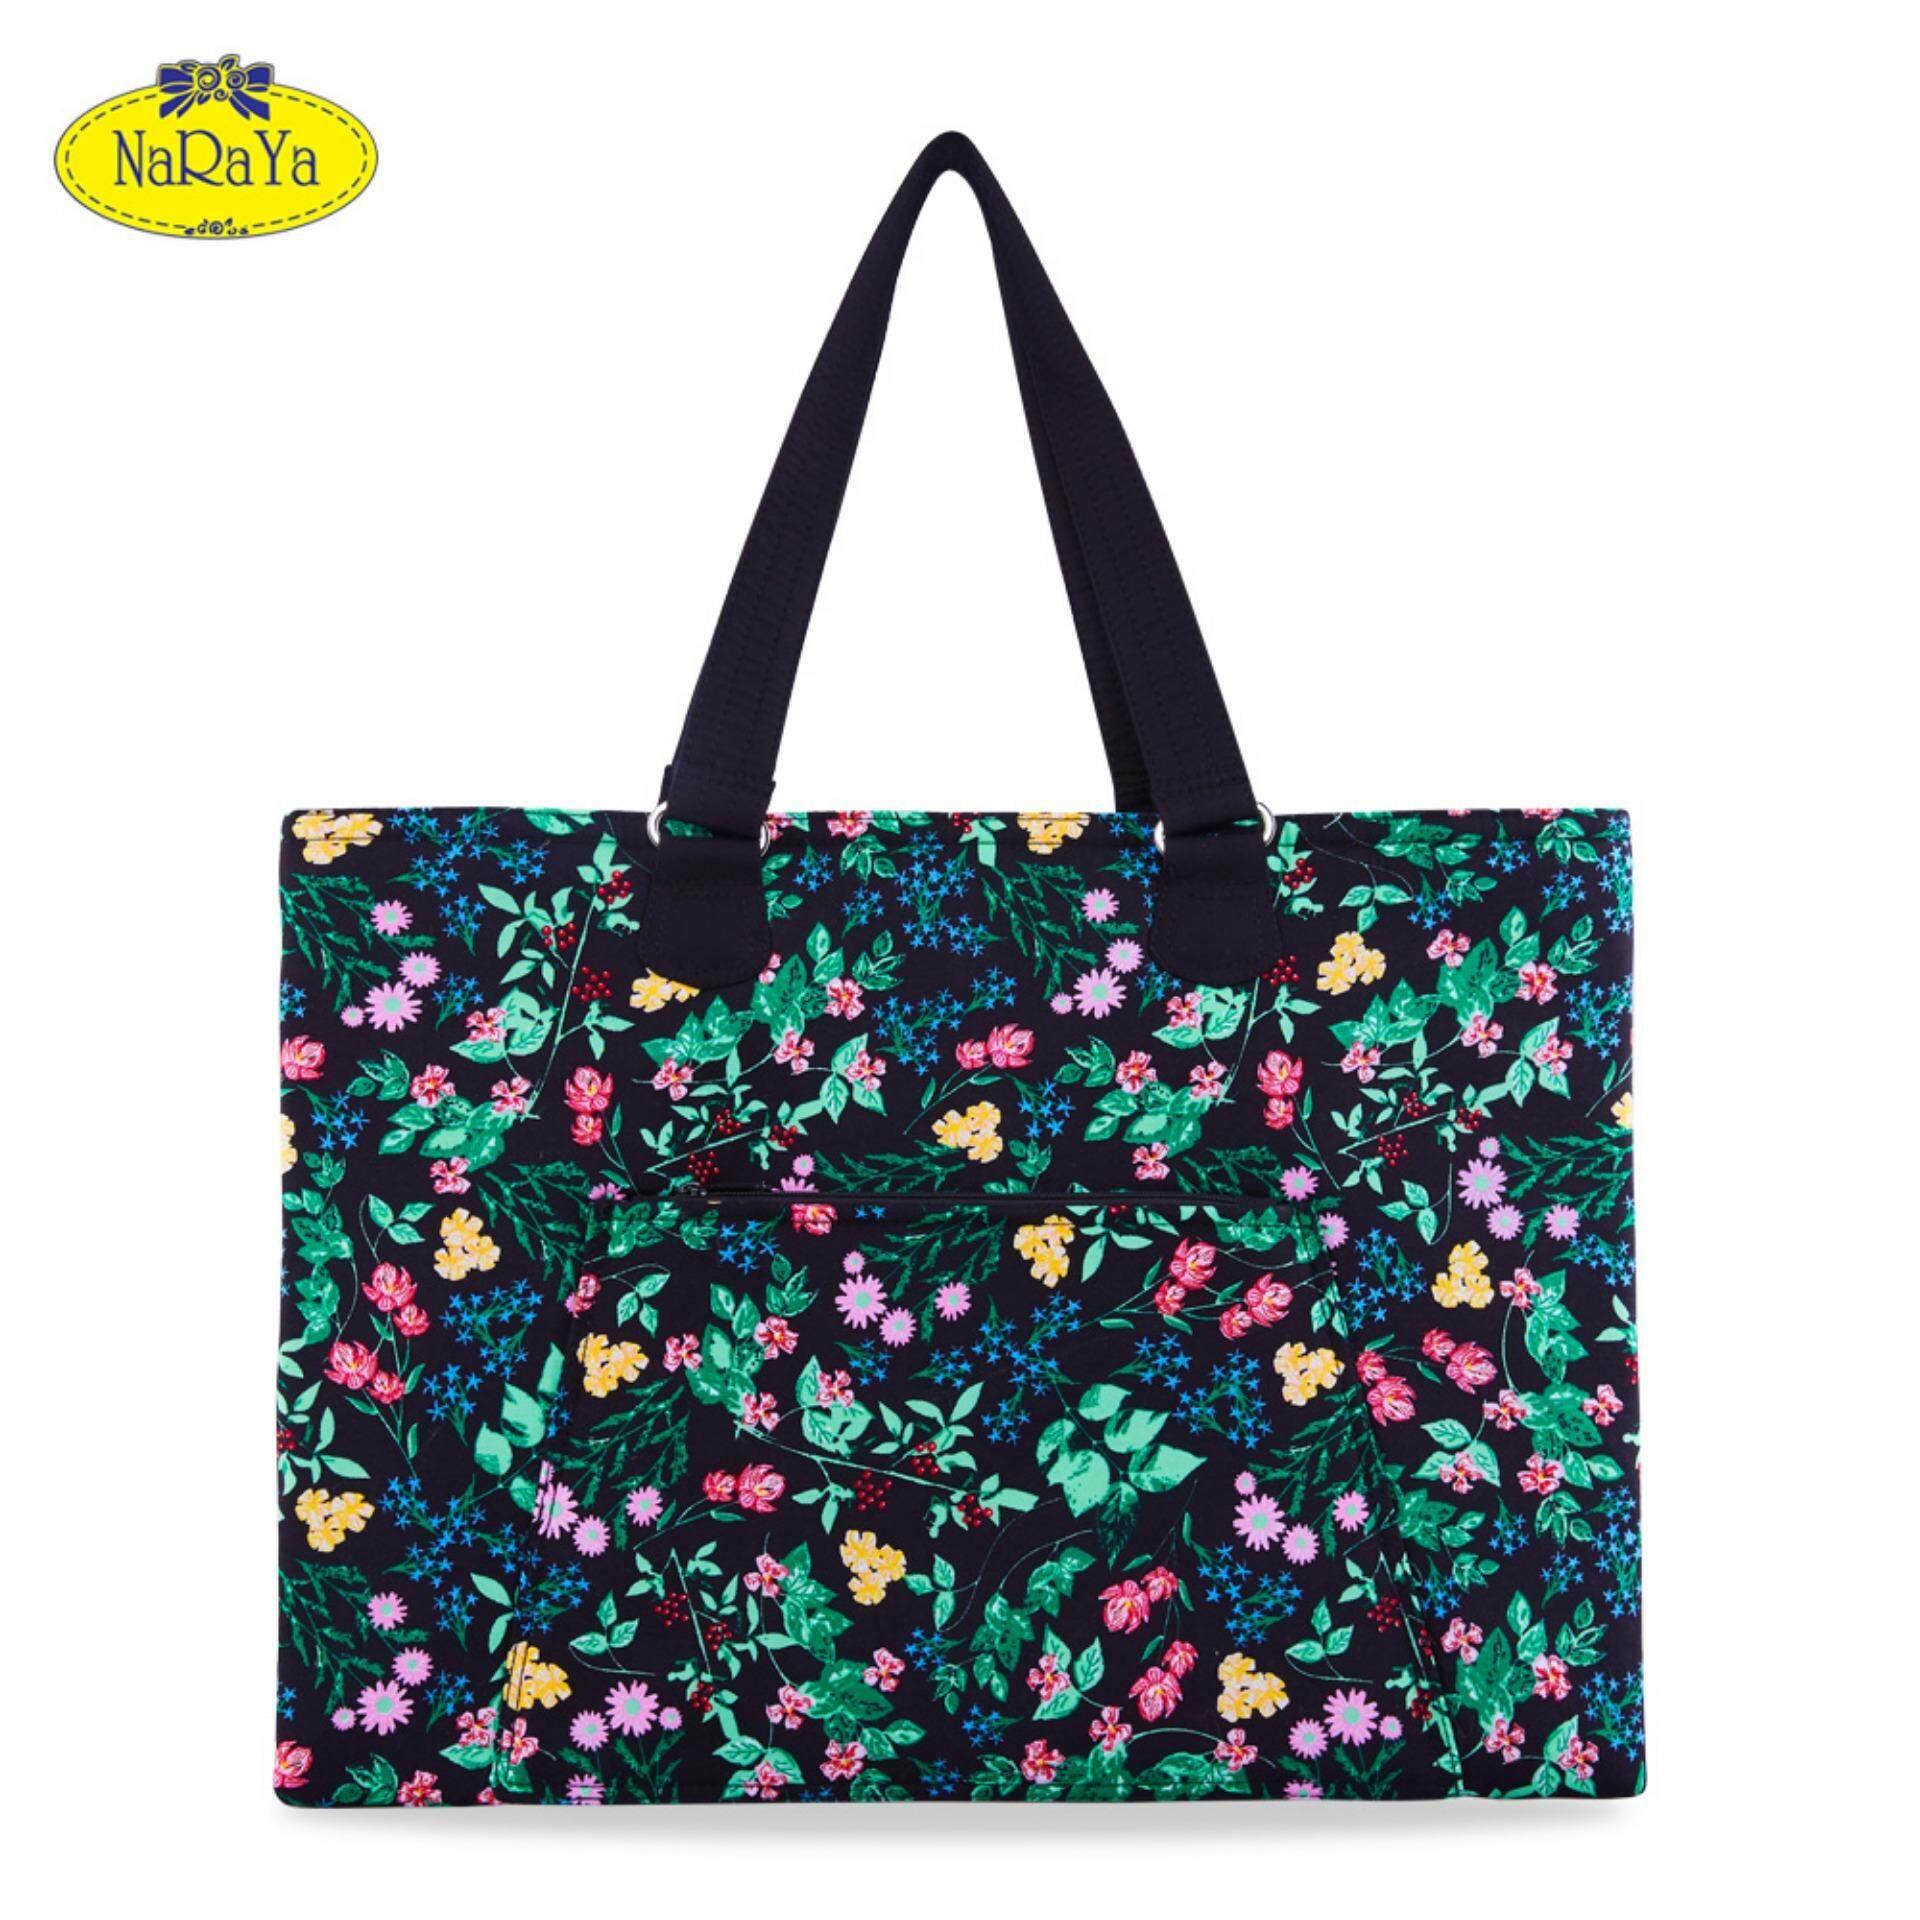 กระเป๋าสะพาย NaRaYa Tropical Printed